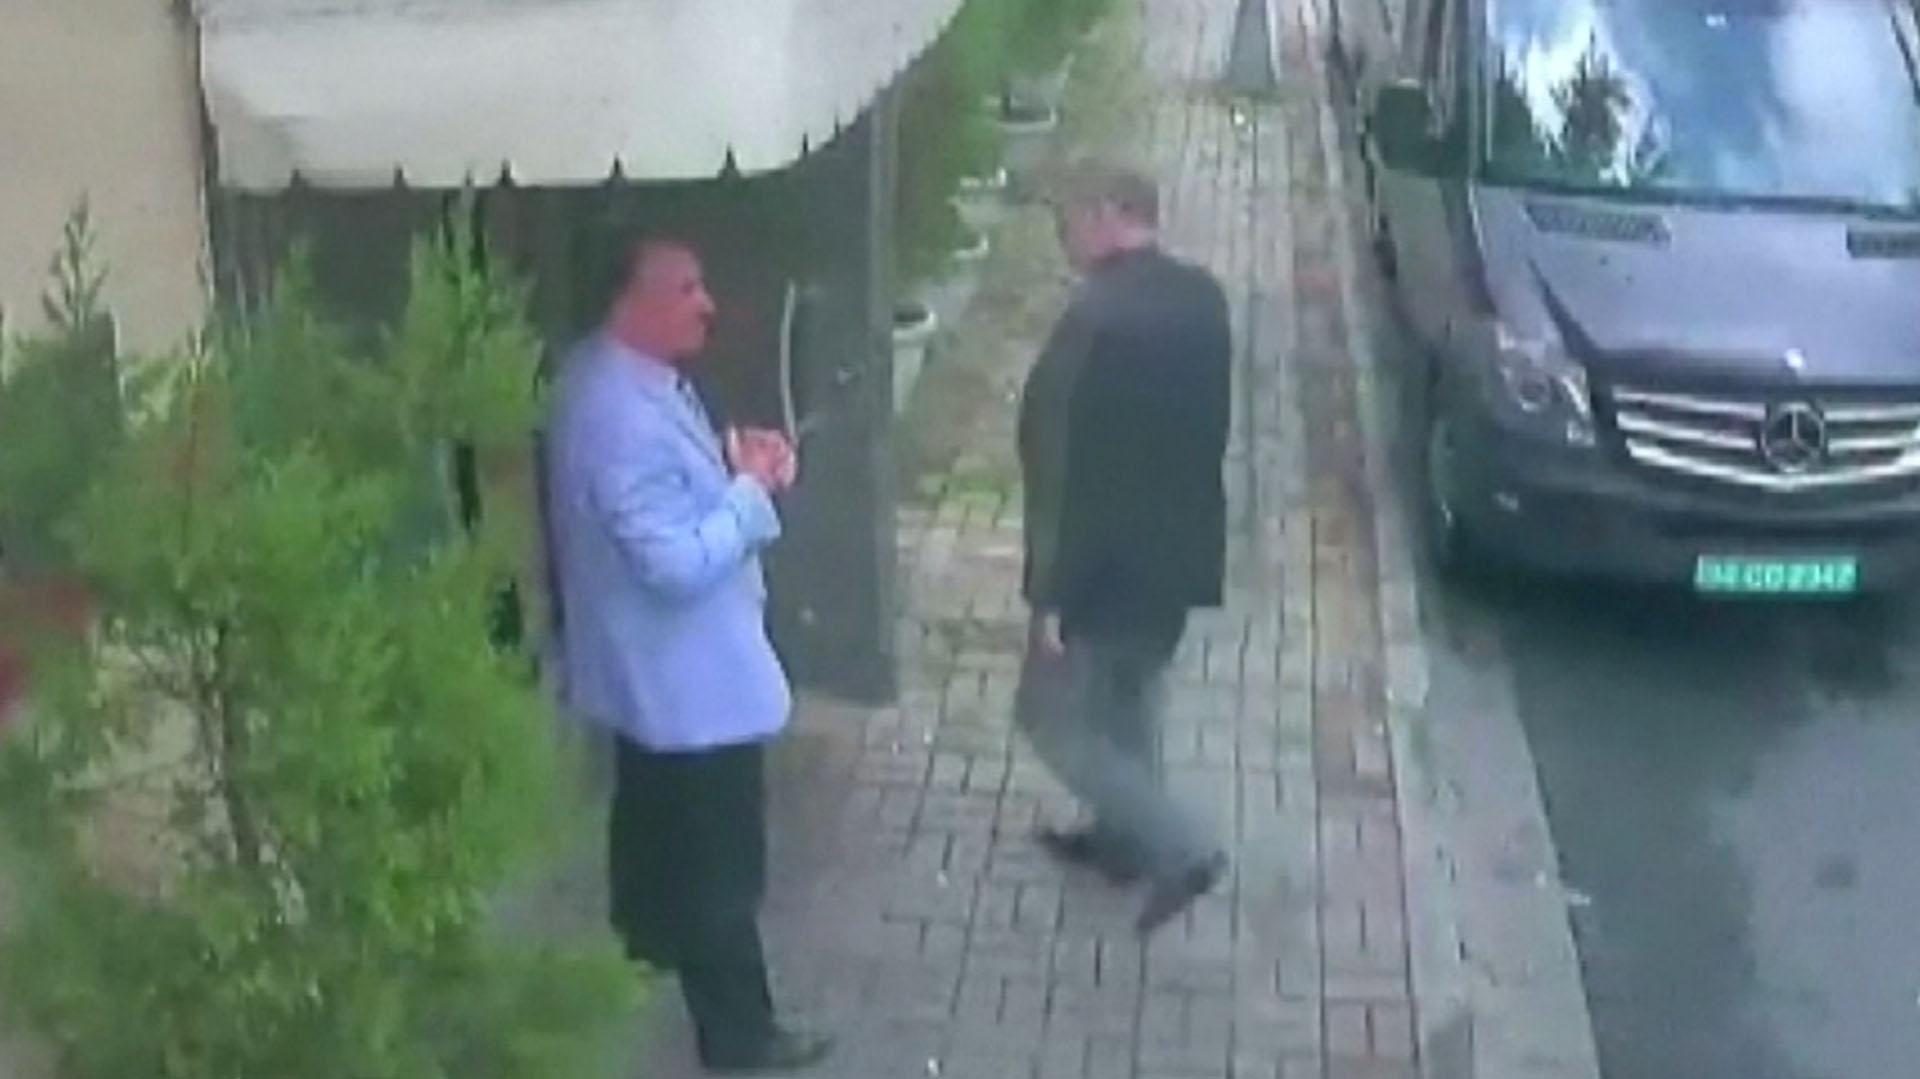 El momento en el que Khashoggi ingresa al consulado saudita en Estambul, el 2 de octubre pasado. Según Turquía un comando secreto del reino lo asesinó y lo desmembró ese mismo día